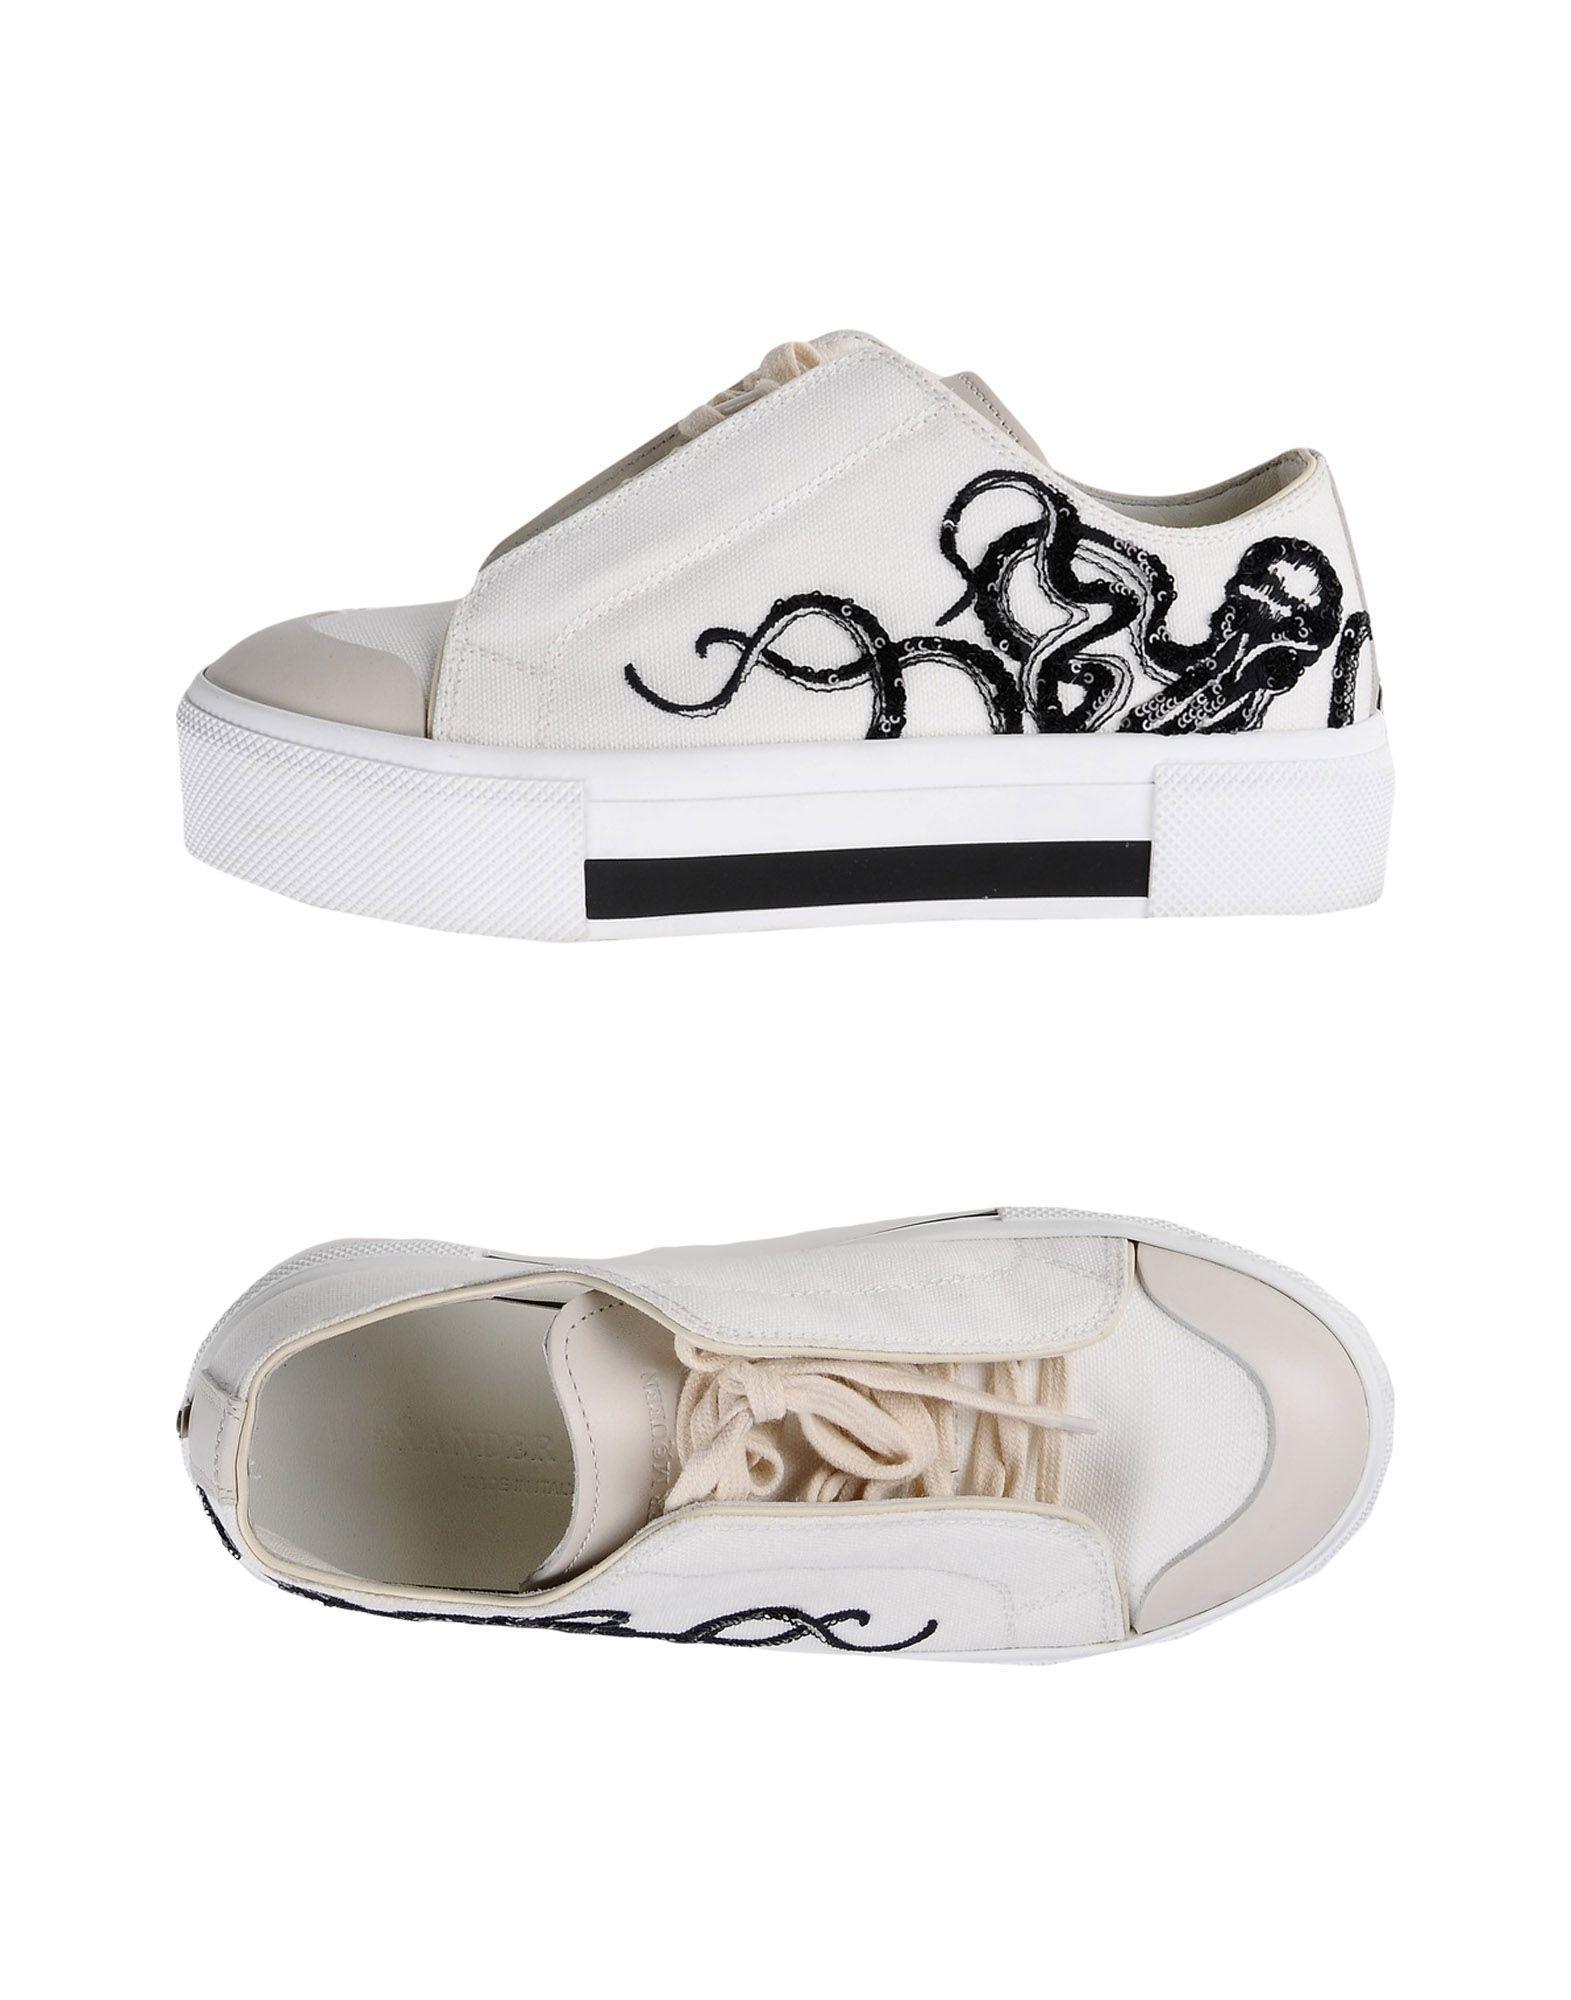 Alexander Mcqueen Sneakers In White | ModeSens